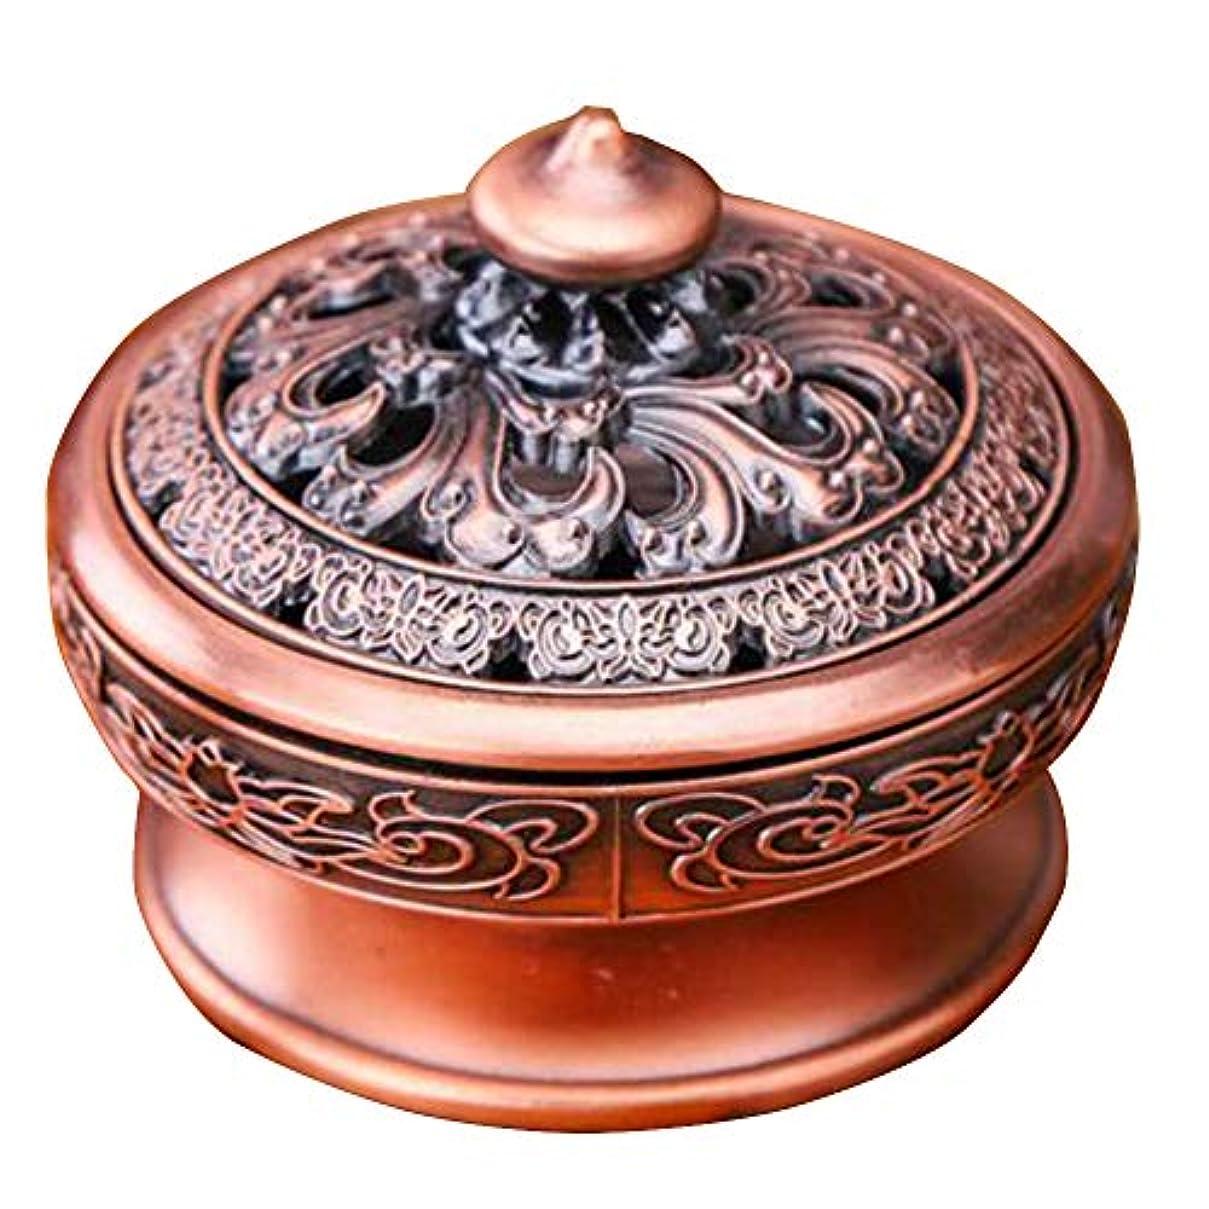 回転するチャネル倍増(イスイ)YISHUI 香炉 お香 アロマ 銅製 丸香炉 お線香立て お香立て 香皿 アンティークモダン風 蓋 スティック 直径7.1cm HP0232 (赤色)